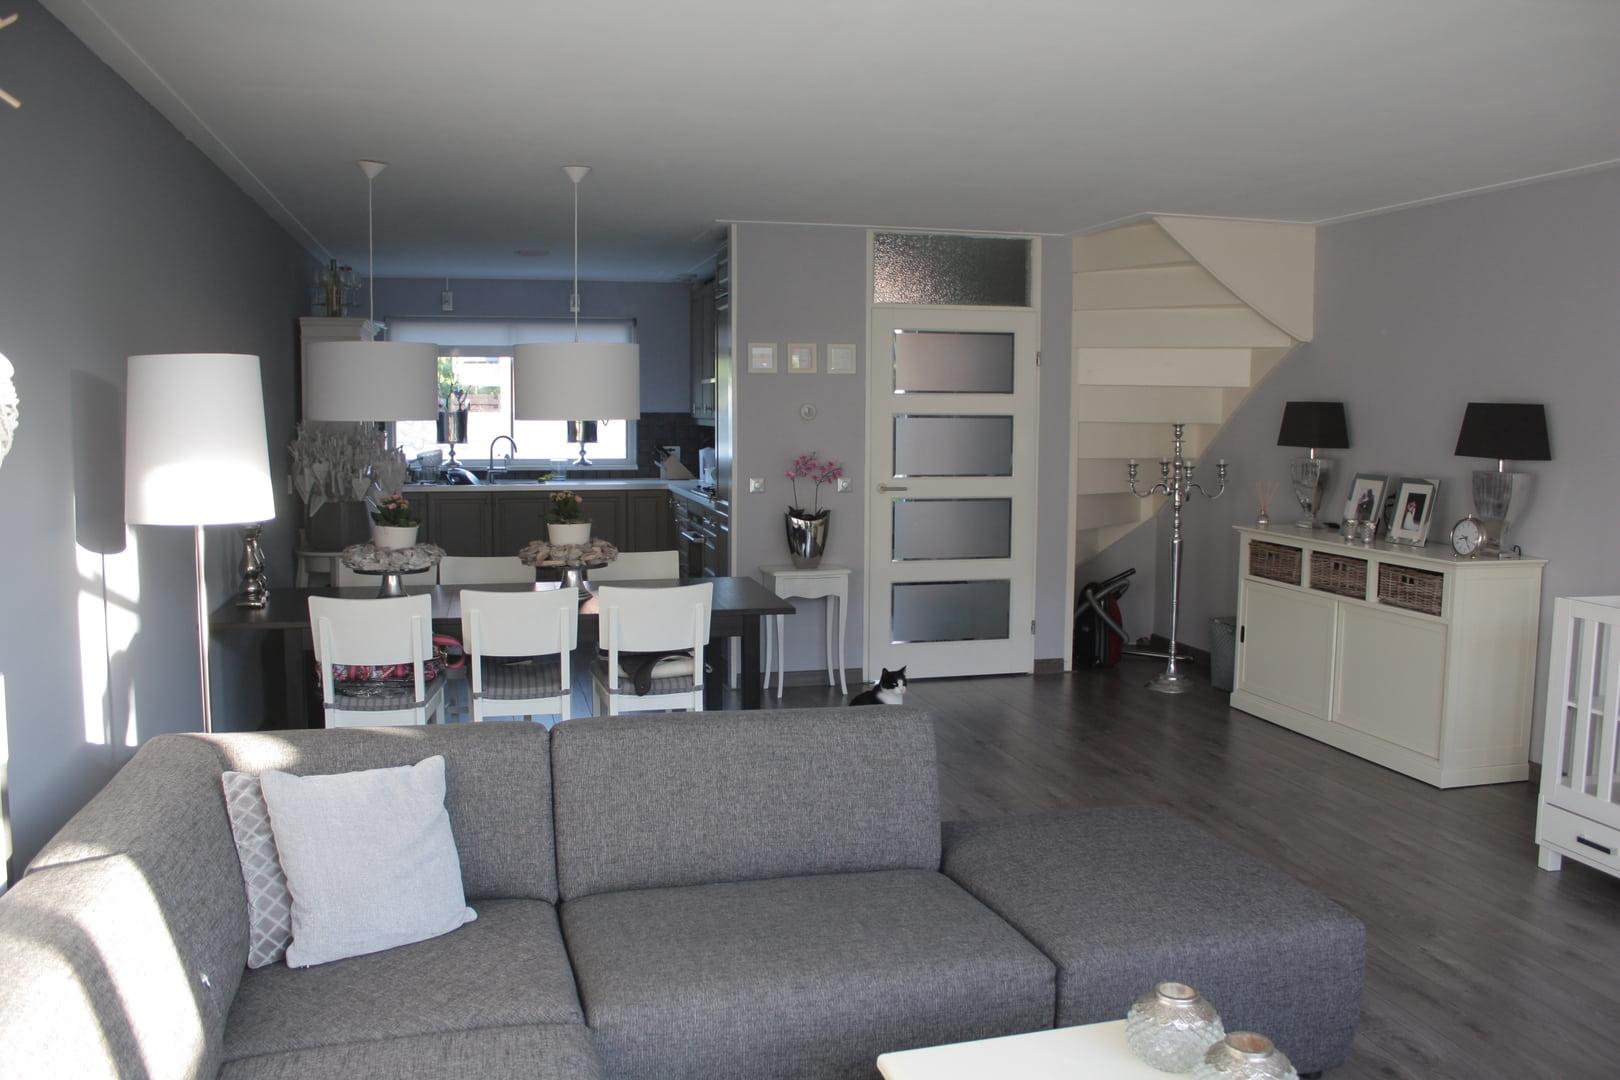 Decoratie ideeen woonkamer - Huis idee ...